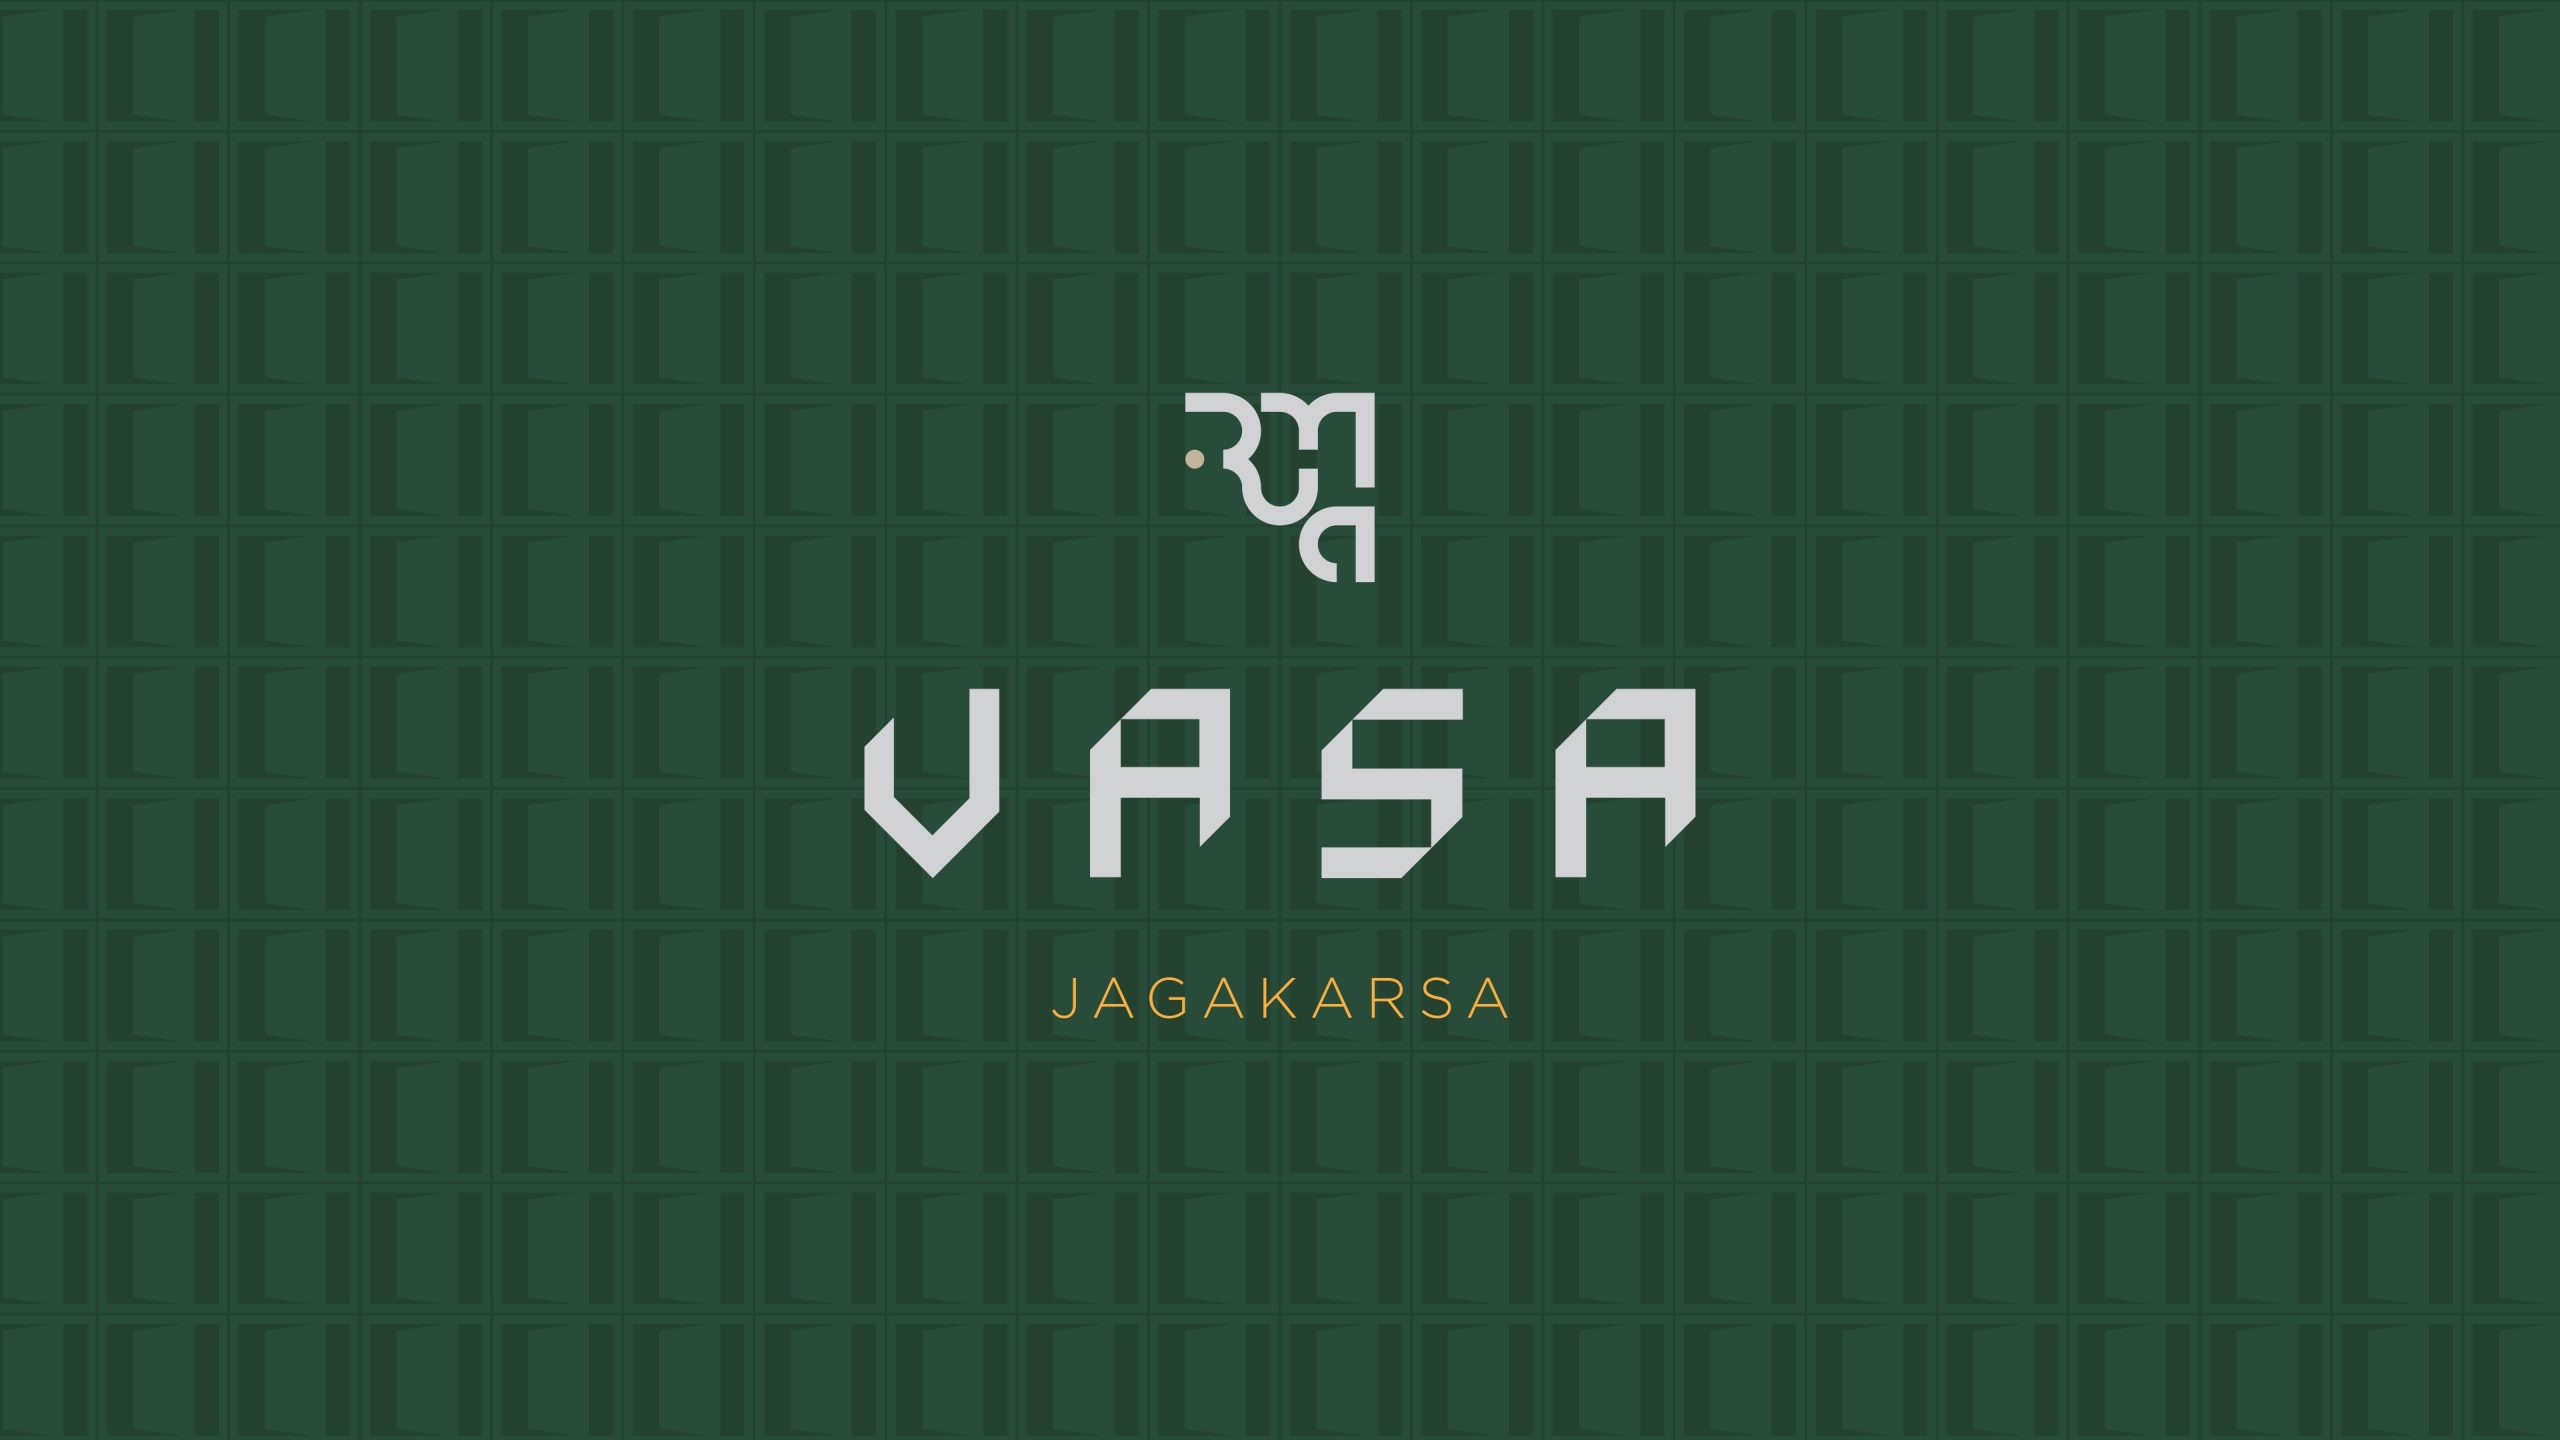 vasa-jagakarsa